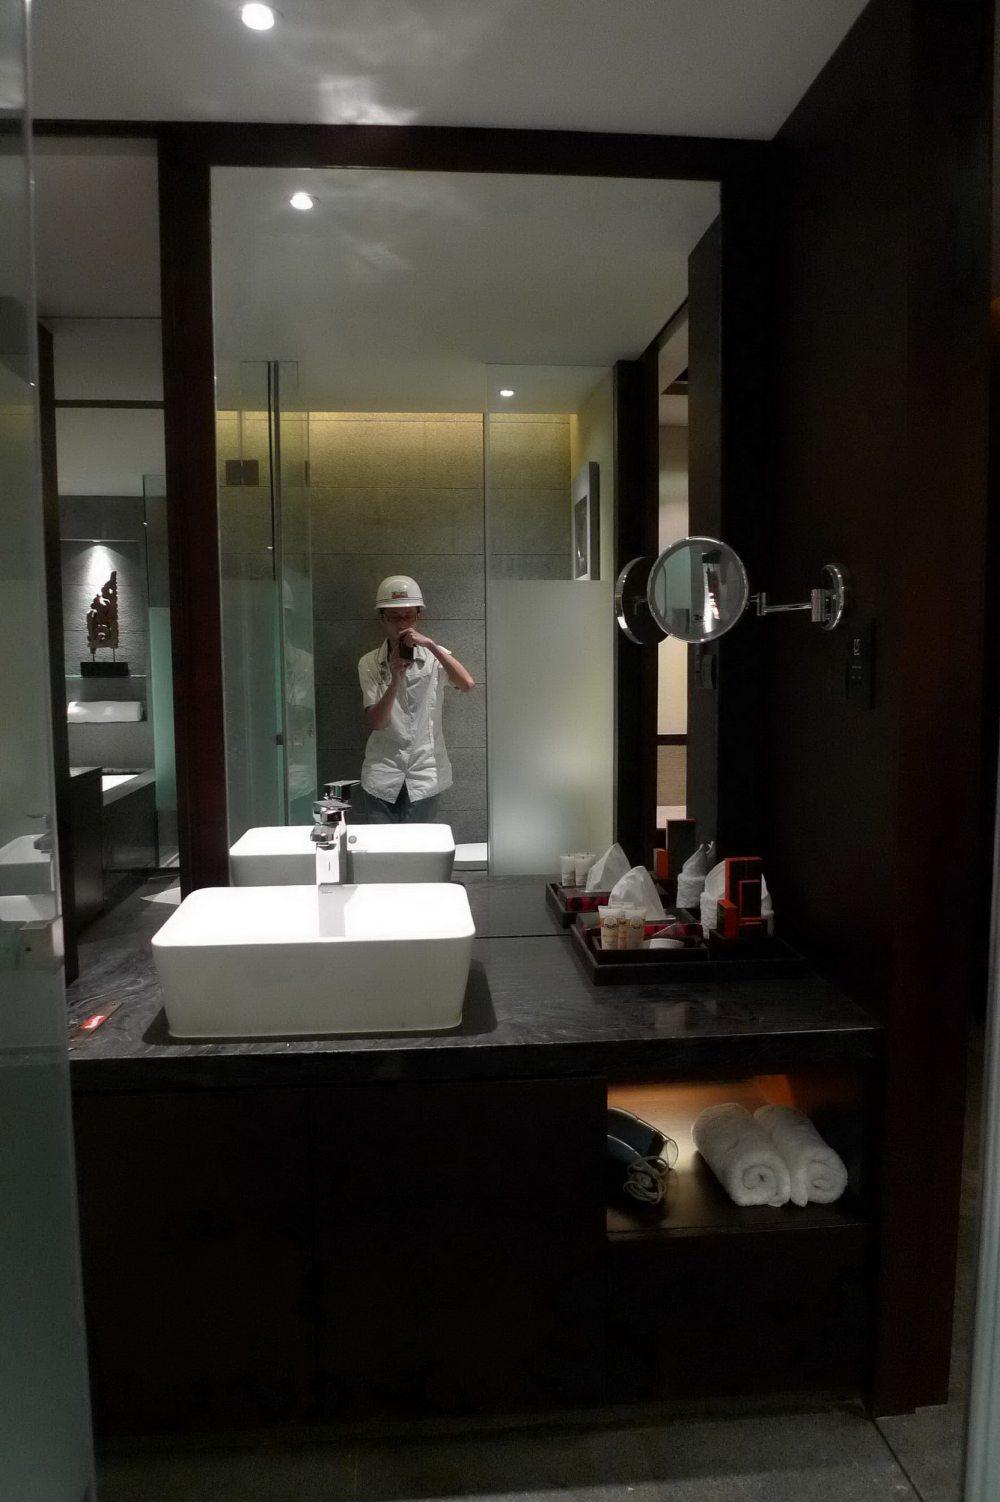 云南丽江铂尔曼渡假酒店(Lijiang Pullman Hotel)(CCD)(第8页更新)_P1010704.jpg